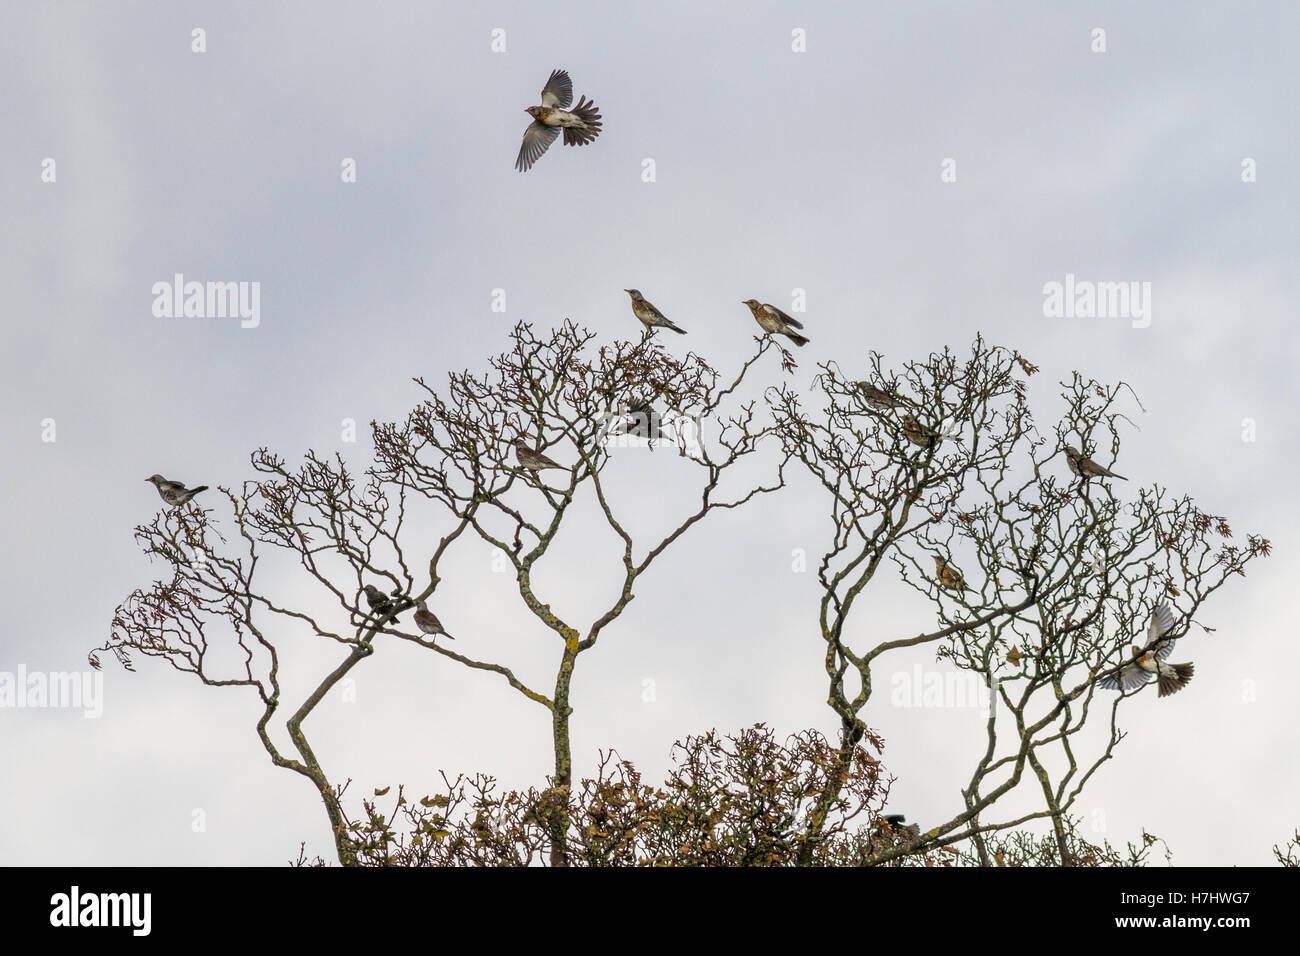 Herde von fieldfares, nach Migration angekommen, einige im Flug, in den Baumkronen Stockbild